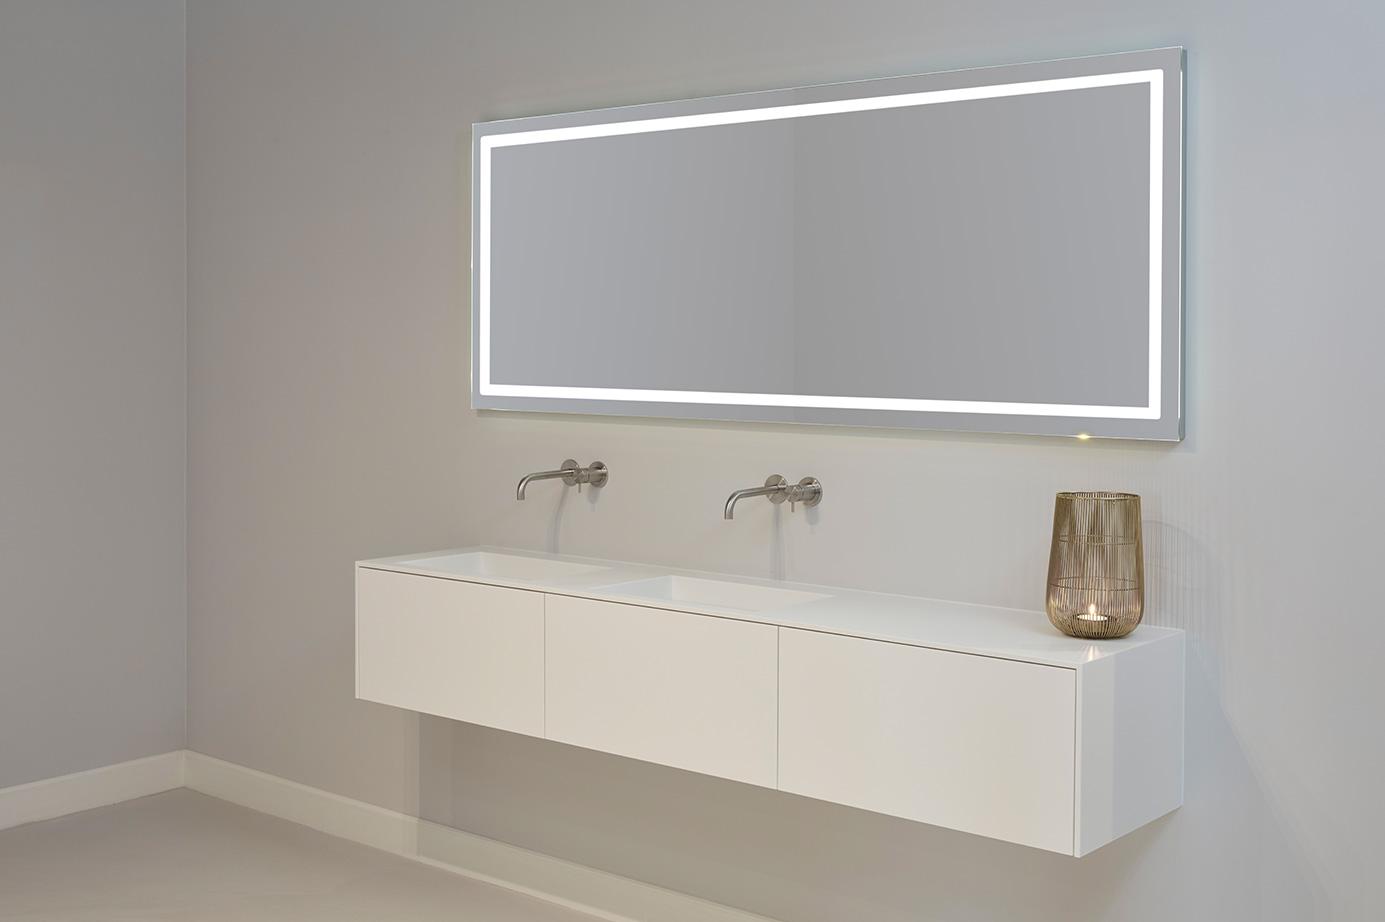 Badkamerspiegel Met Verwarming.Badkamerspiegel Met Verlichting En Verwarming Tiz Design